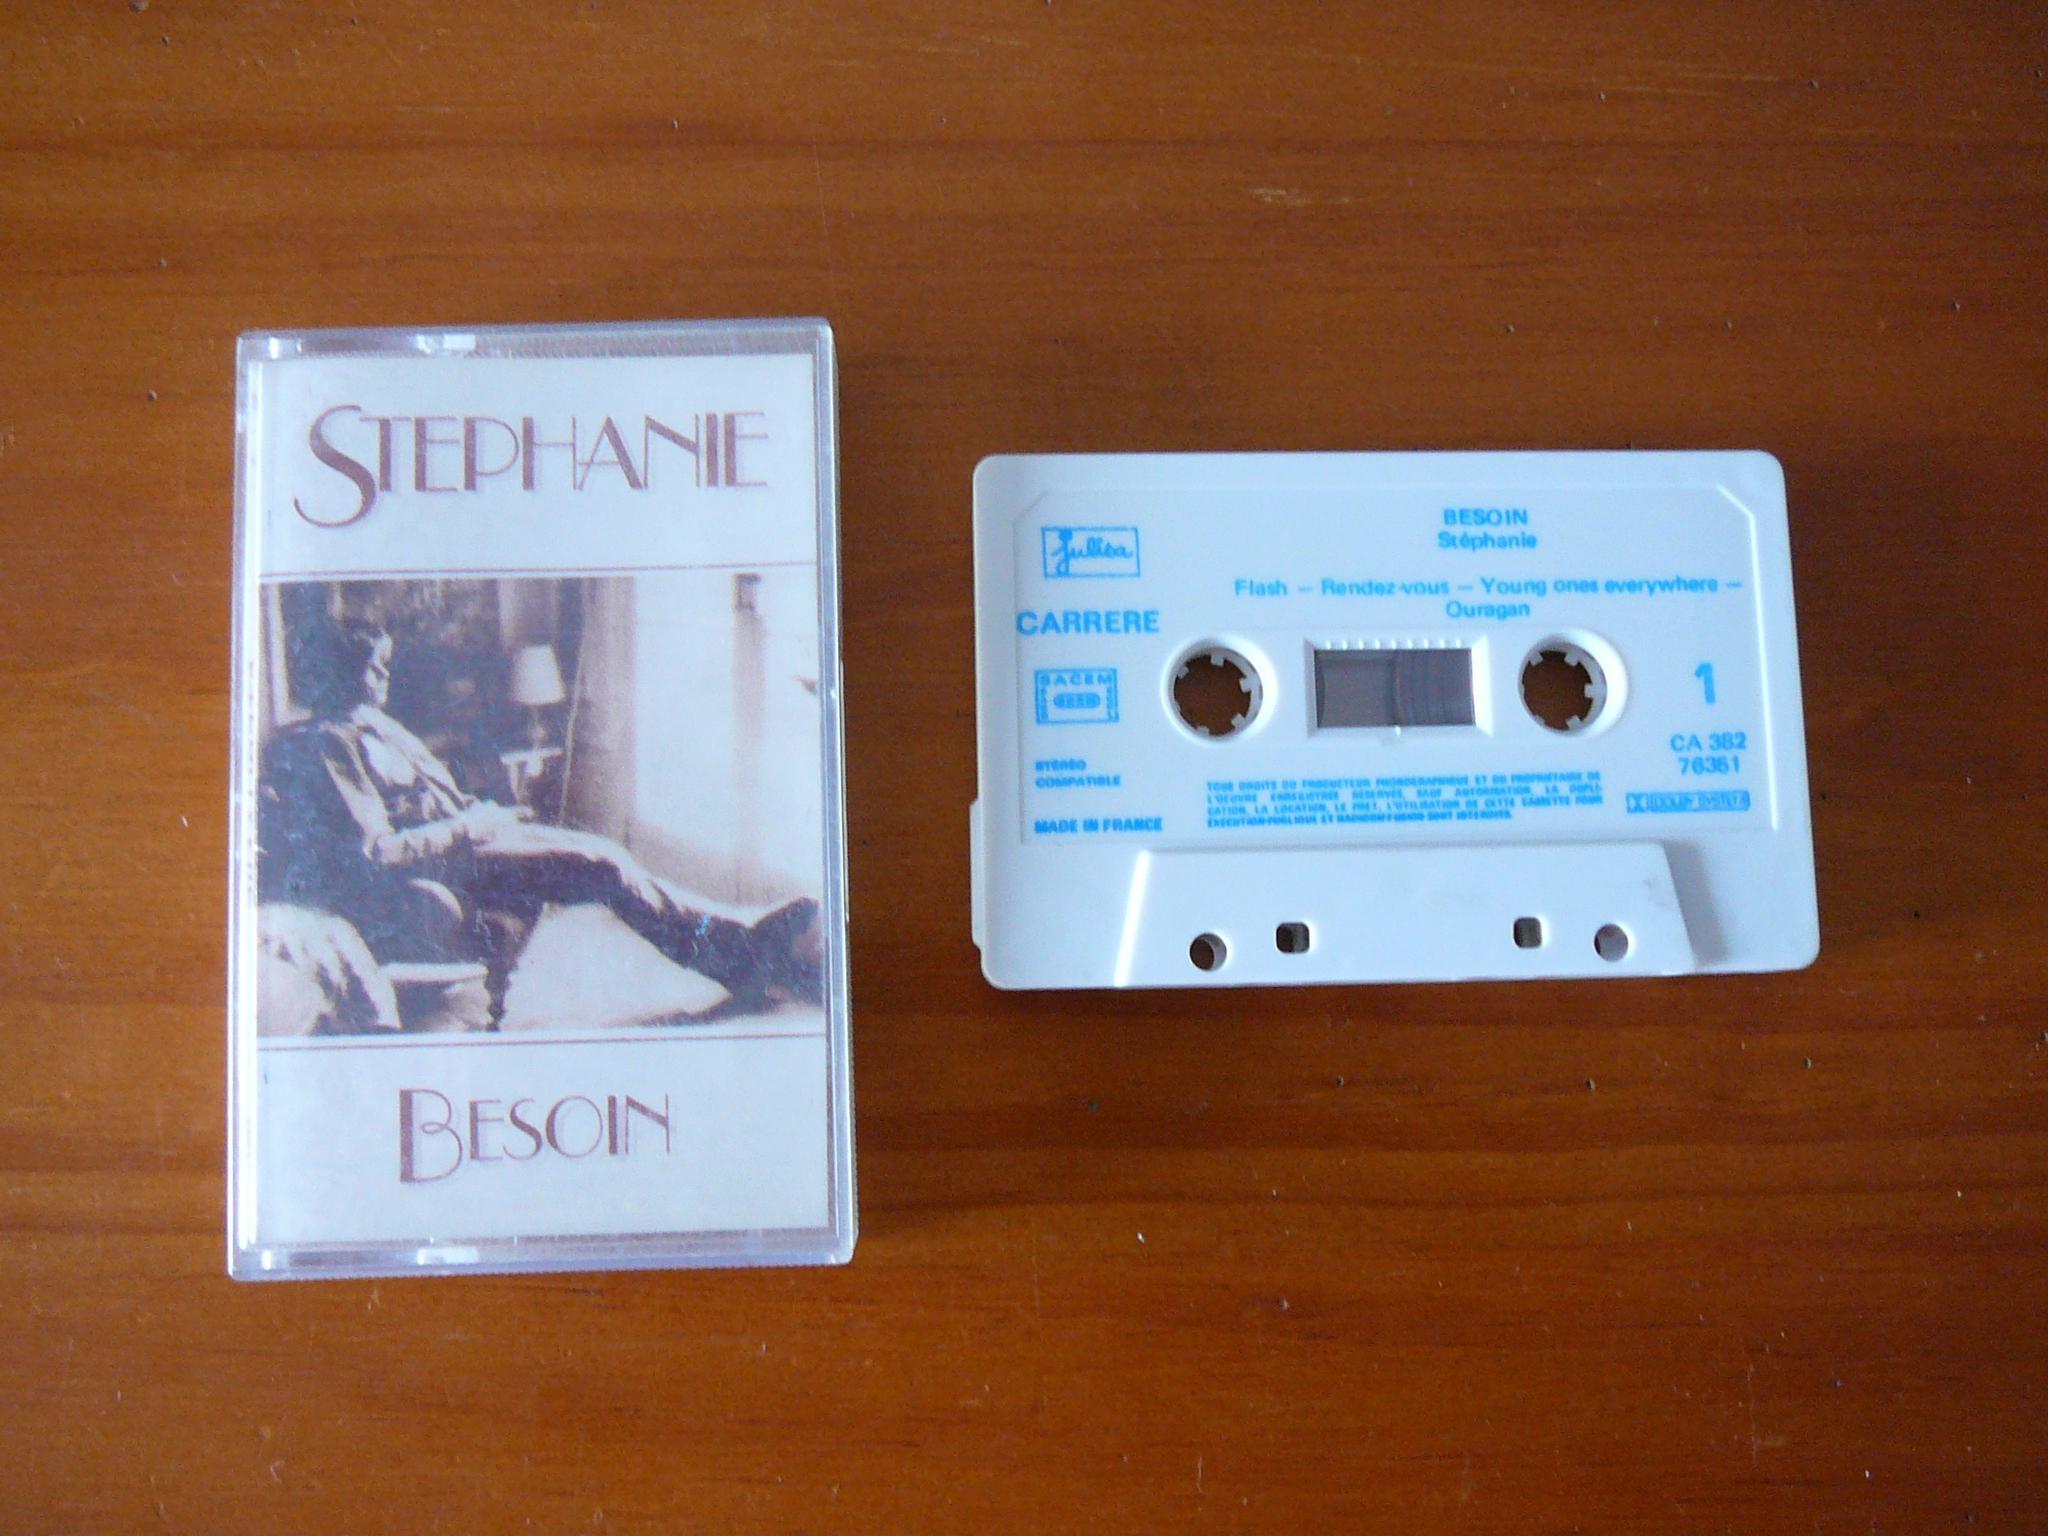 troc de troc cassette audio stéphanie image 0